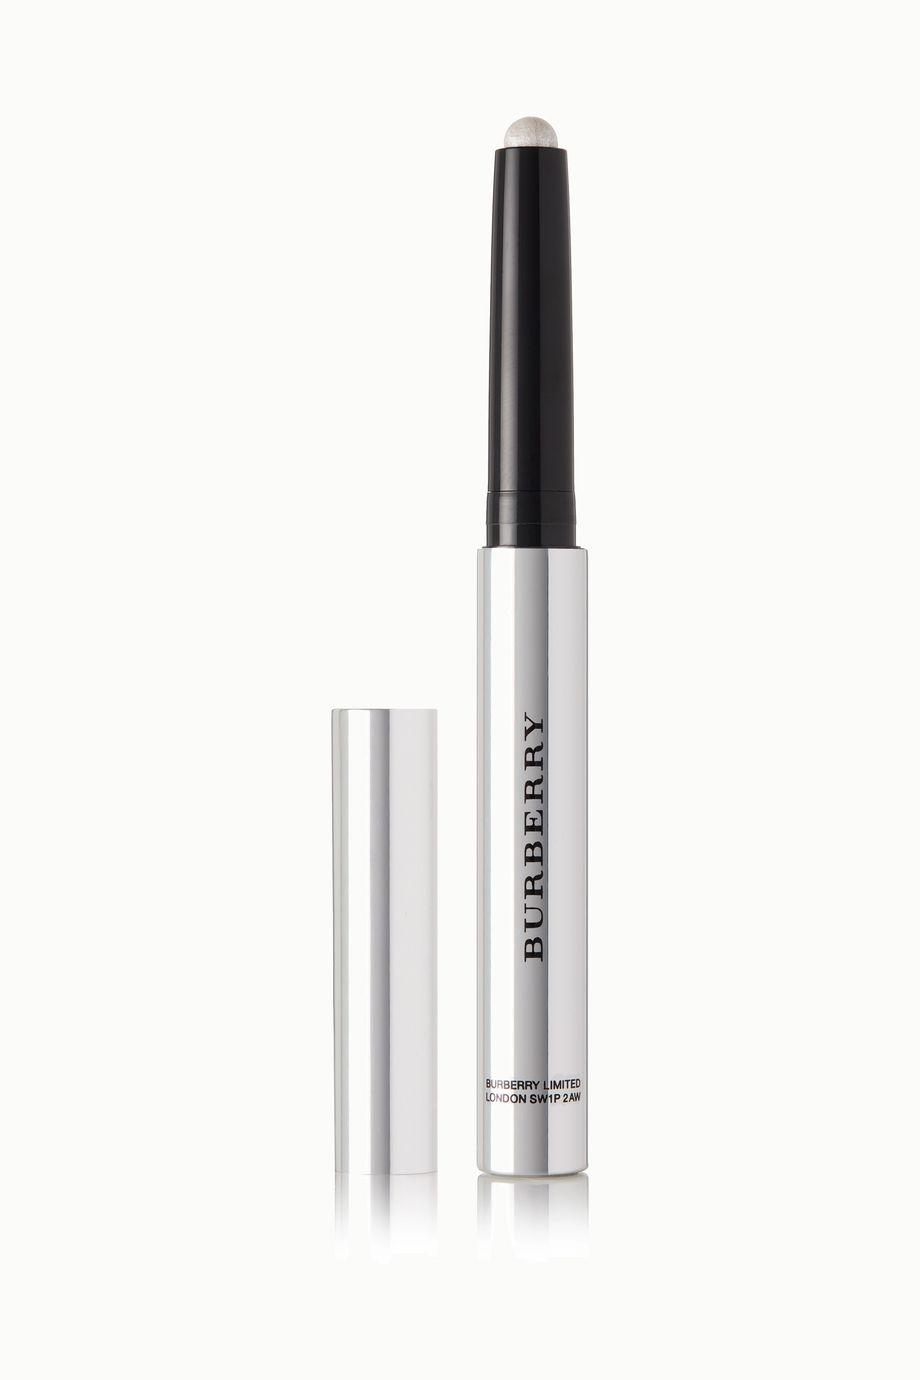 Burberry Beauty Eye Color Contour Smoke & Sculpt Pen - Sheer Pearl No.150